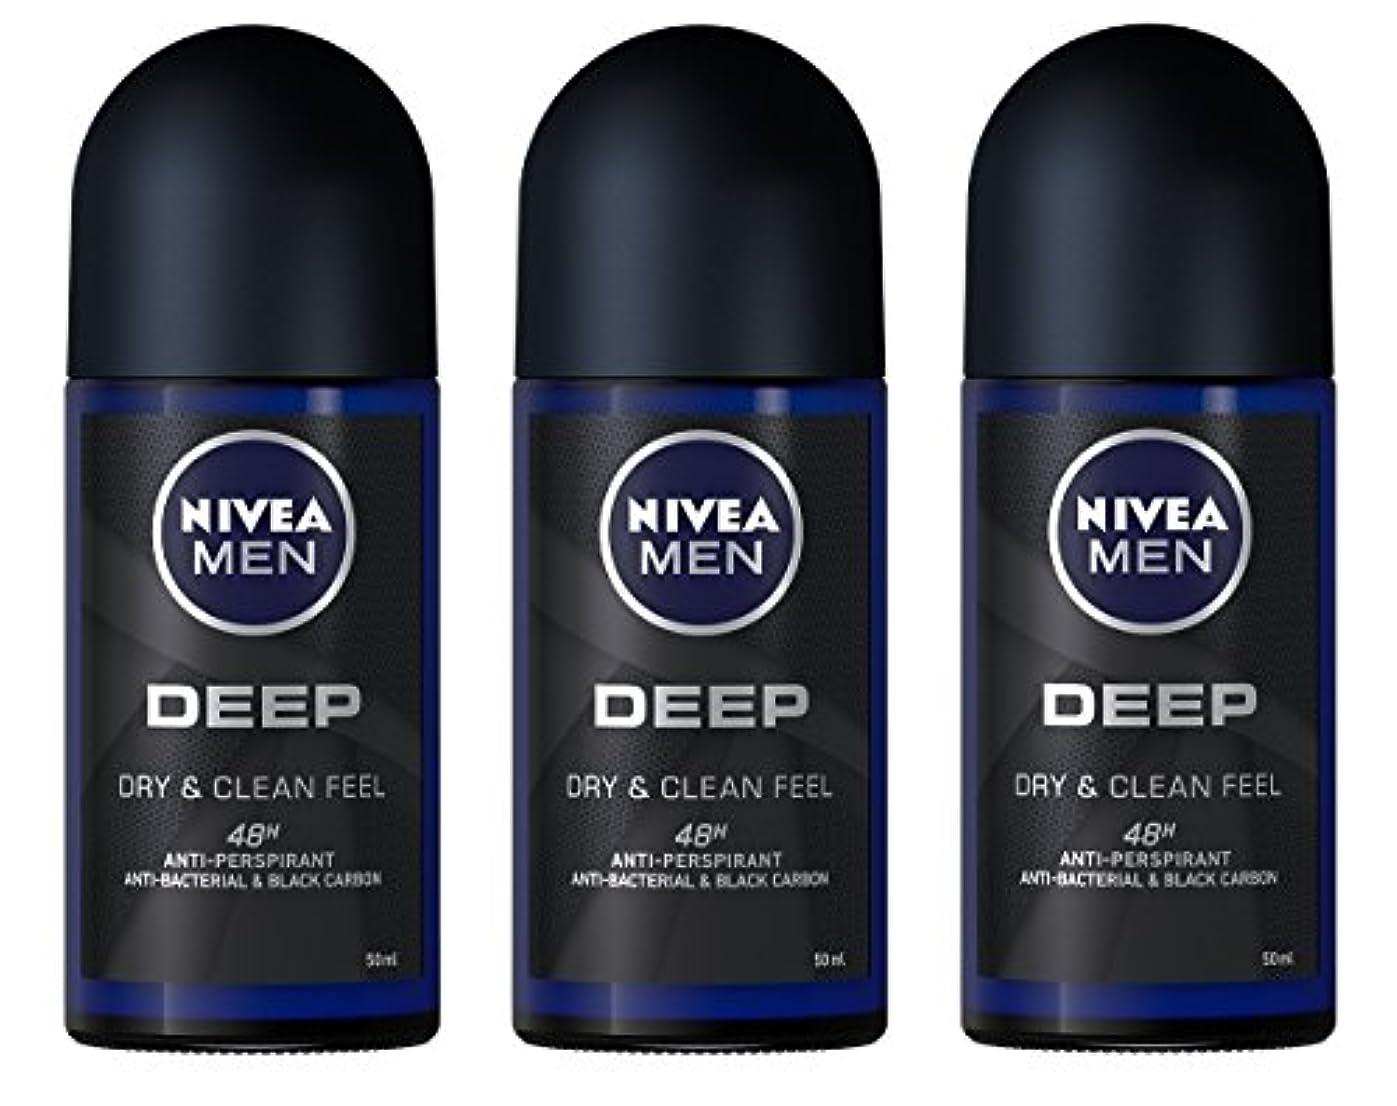 ジョットディボンドン説明的私(Pack of 3) Nivea Deep Anti-perspirant Deodorant Roll On for Men 50ml - (3パック) ニベア深い制汗剤デオドラントロールオン男性用50ml